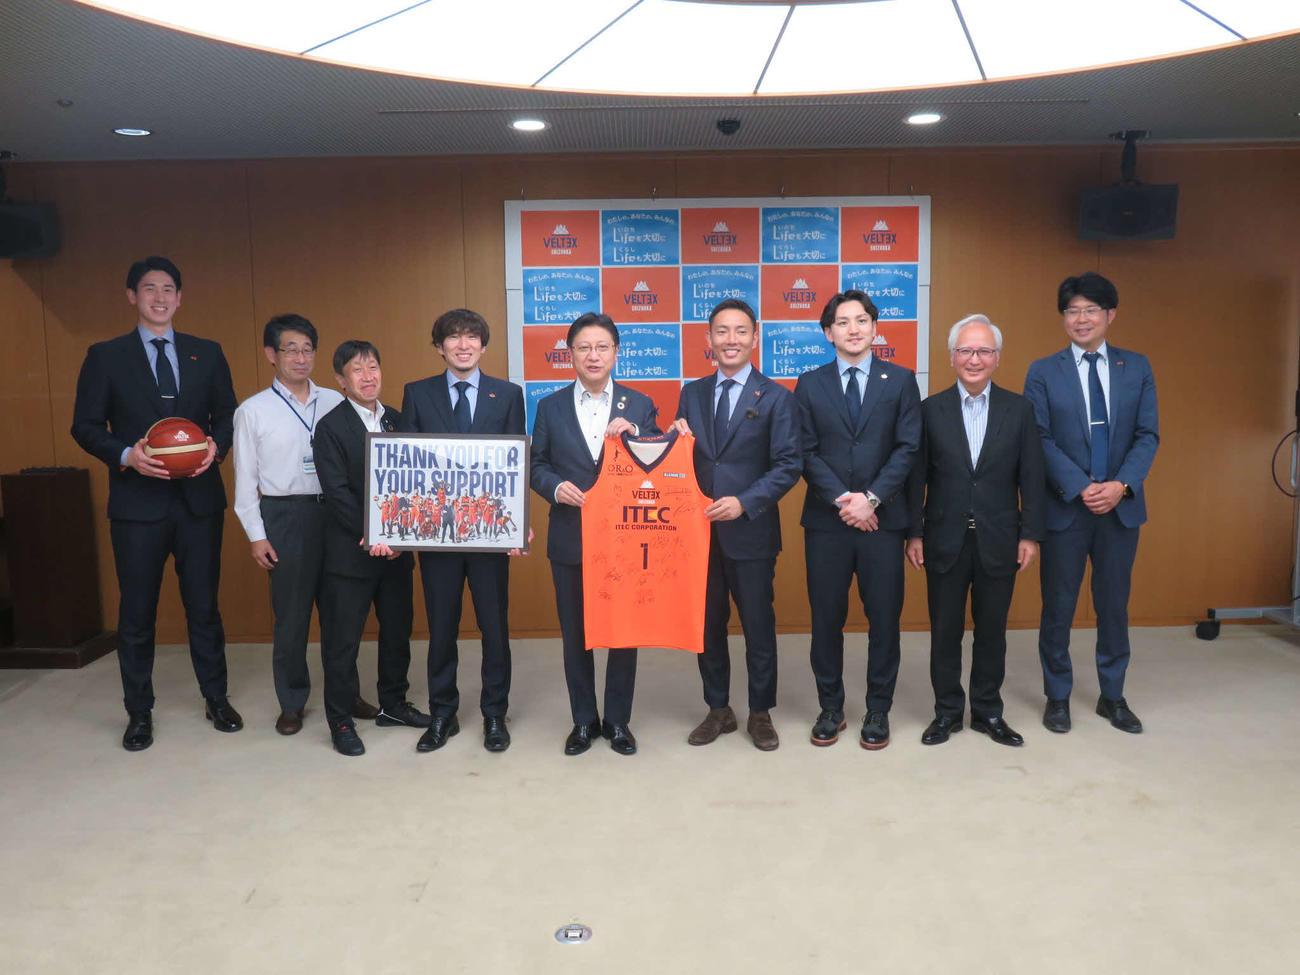 ベルテックス静岡のスタッフと選手が静岡市を表敬訪問。松永康太社長(右から4人目)が田辺信宏市長とユニホームを持つ